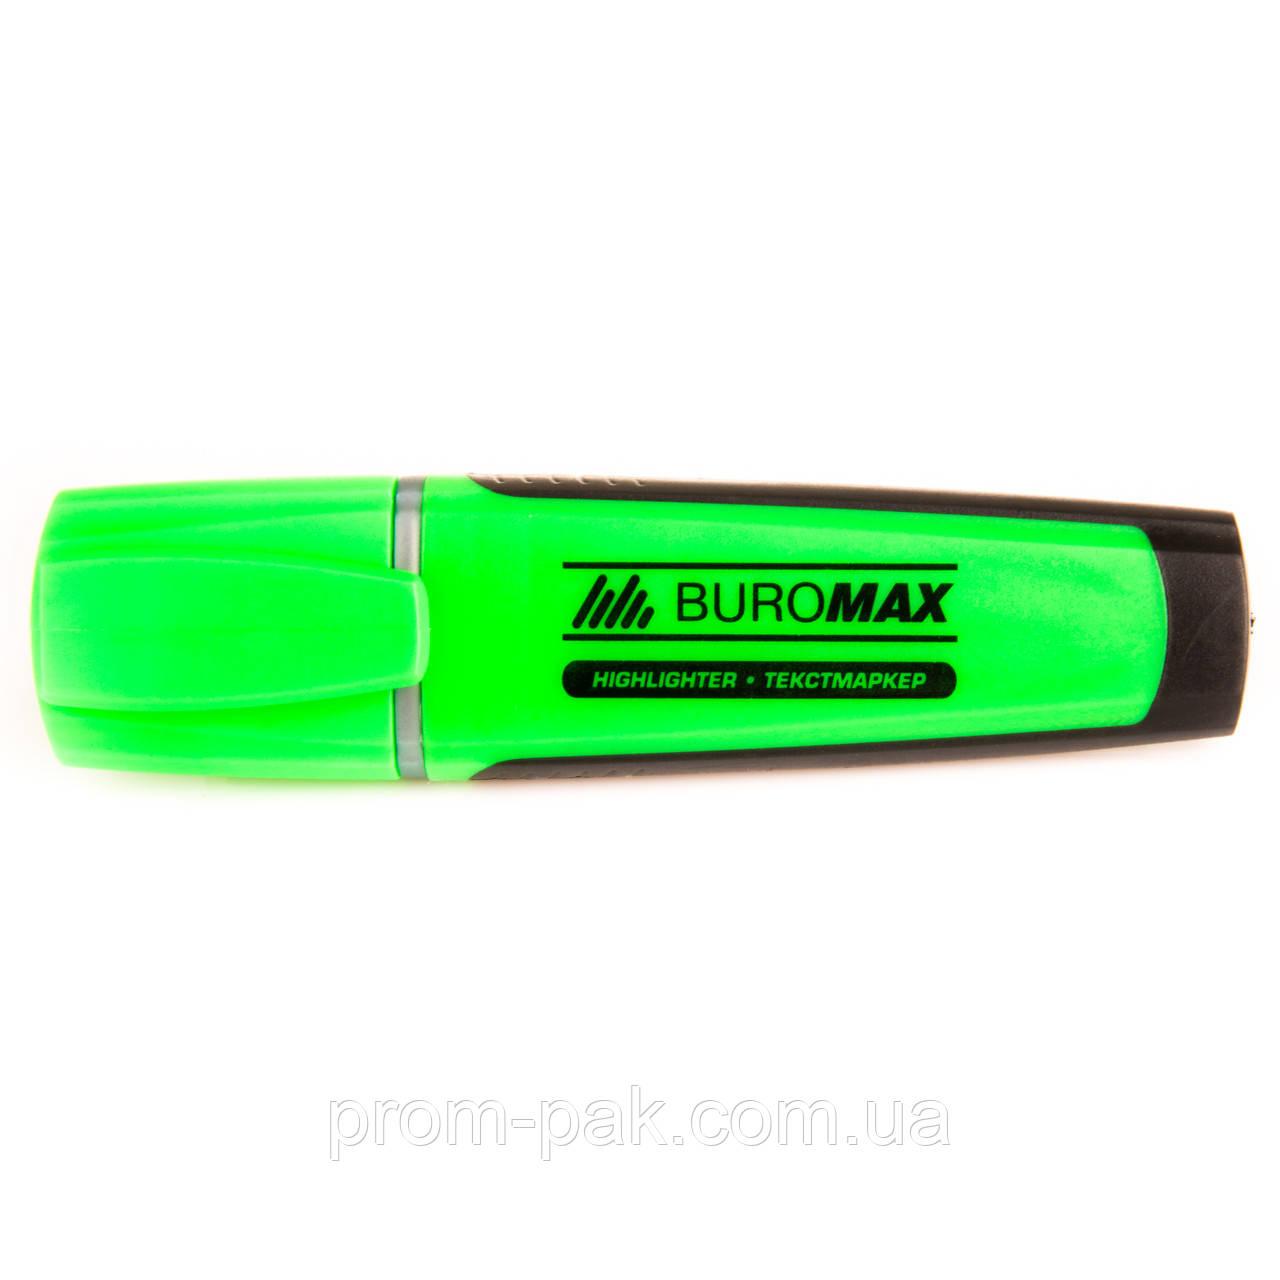 Текстовый  маркер флуоресцентный Вuromax зеленый